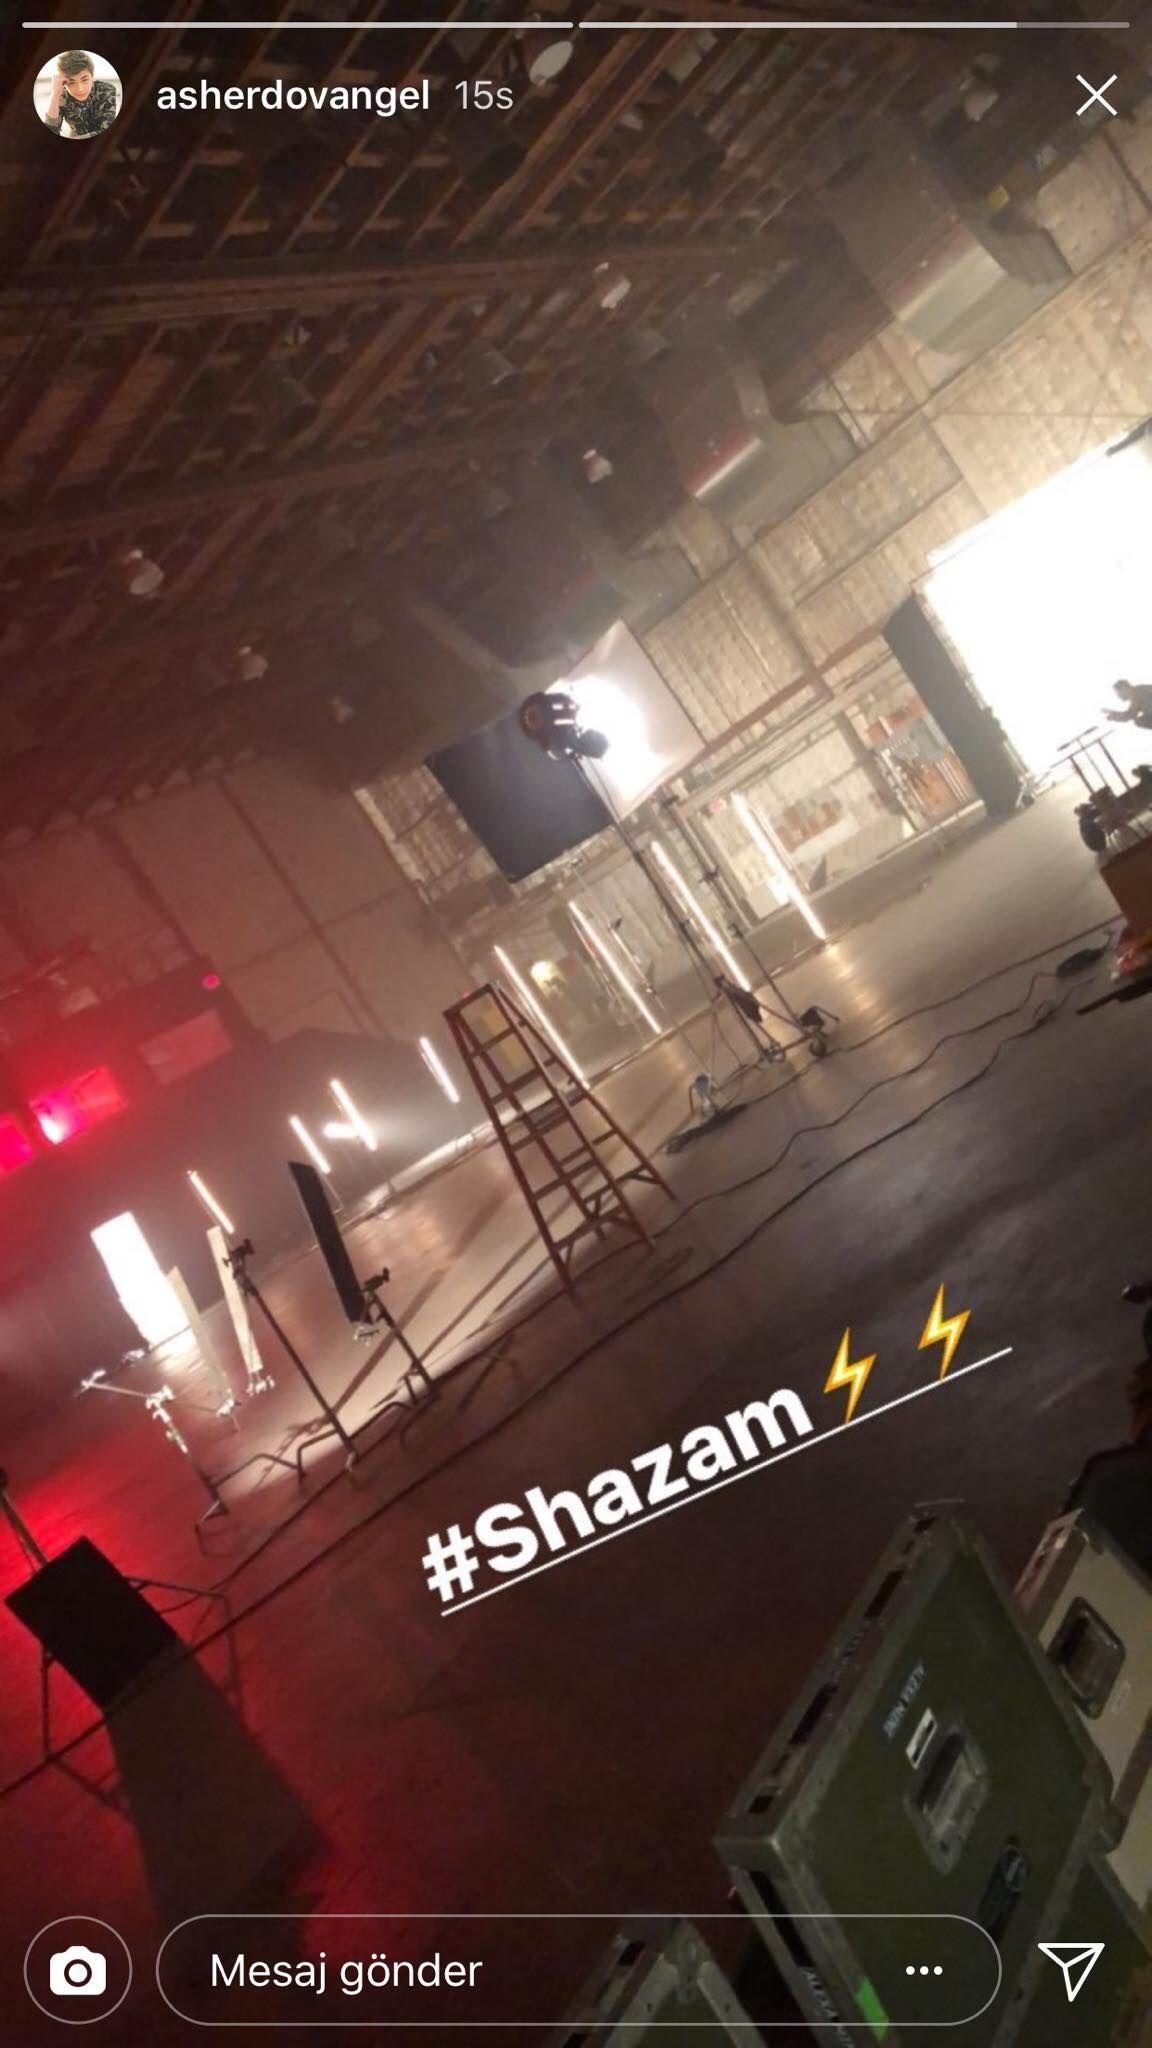 Shazam filminin setinden yeni bir görüntü geldi